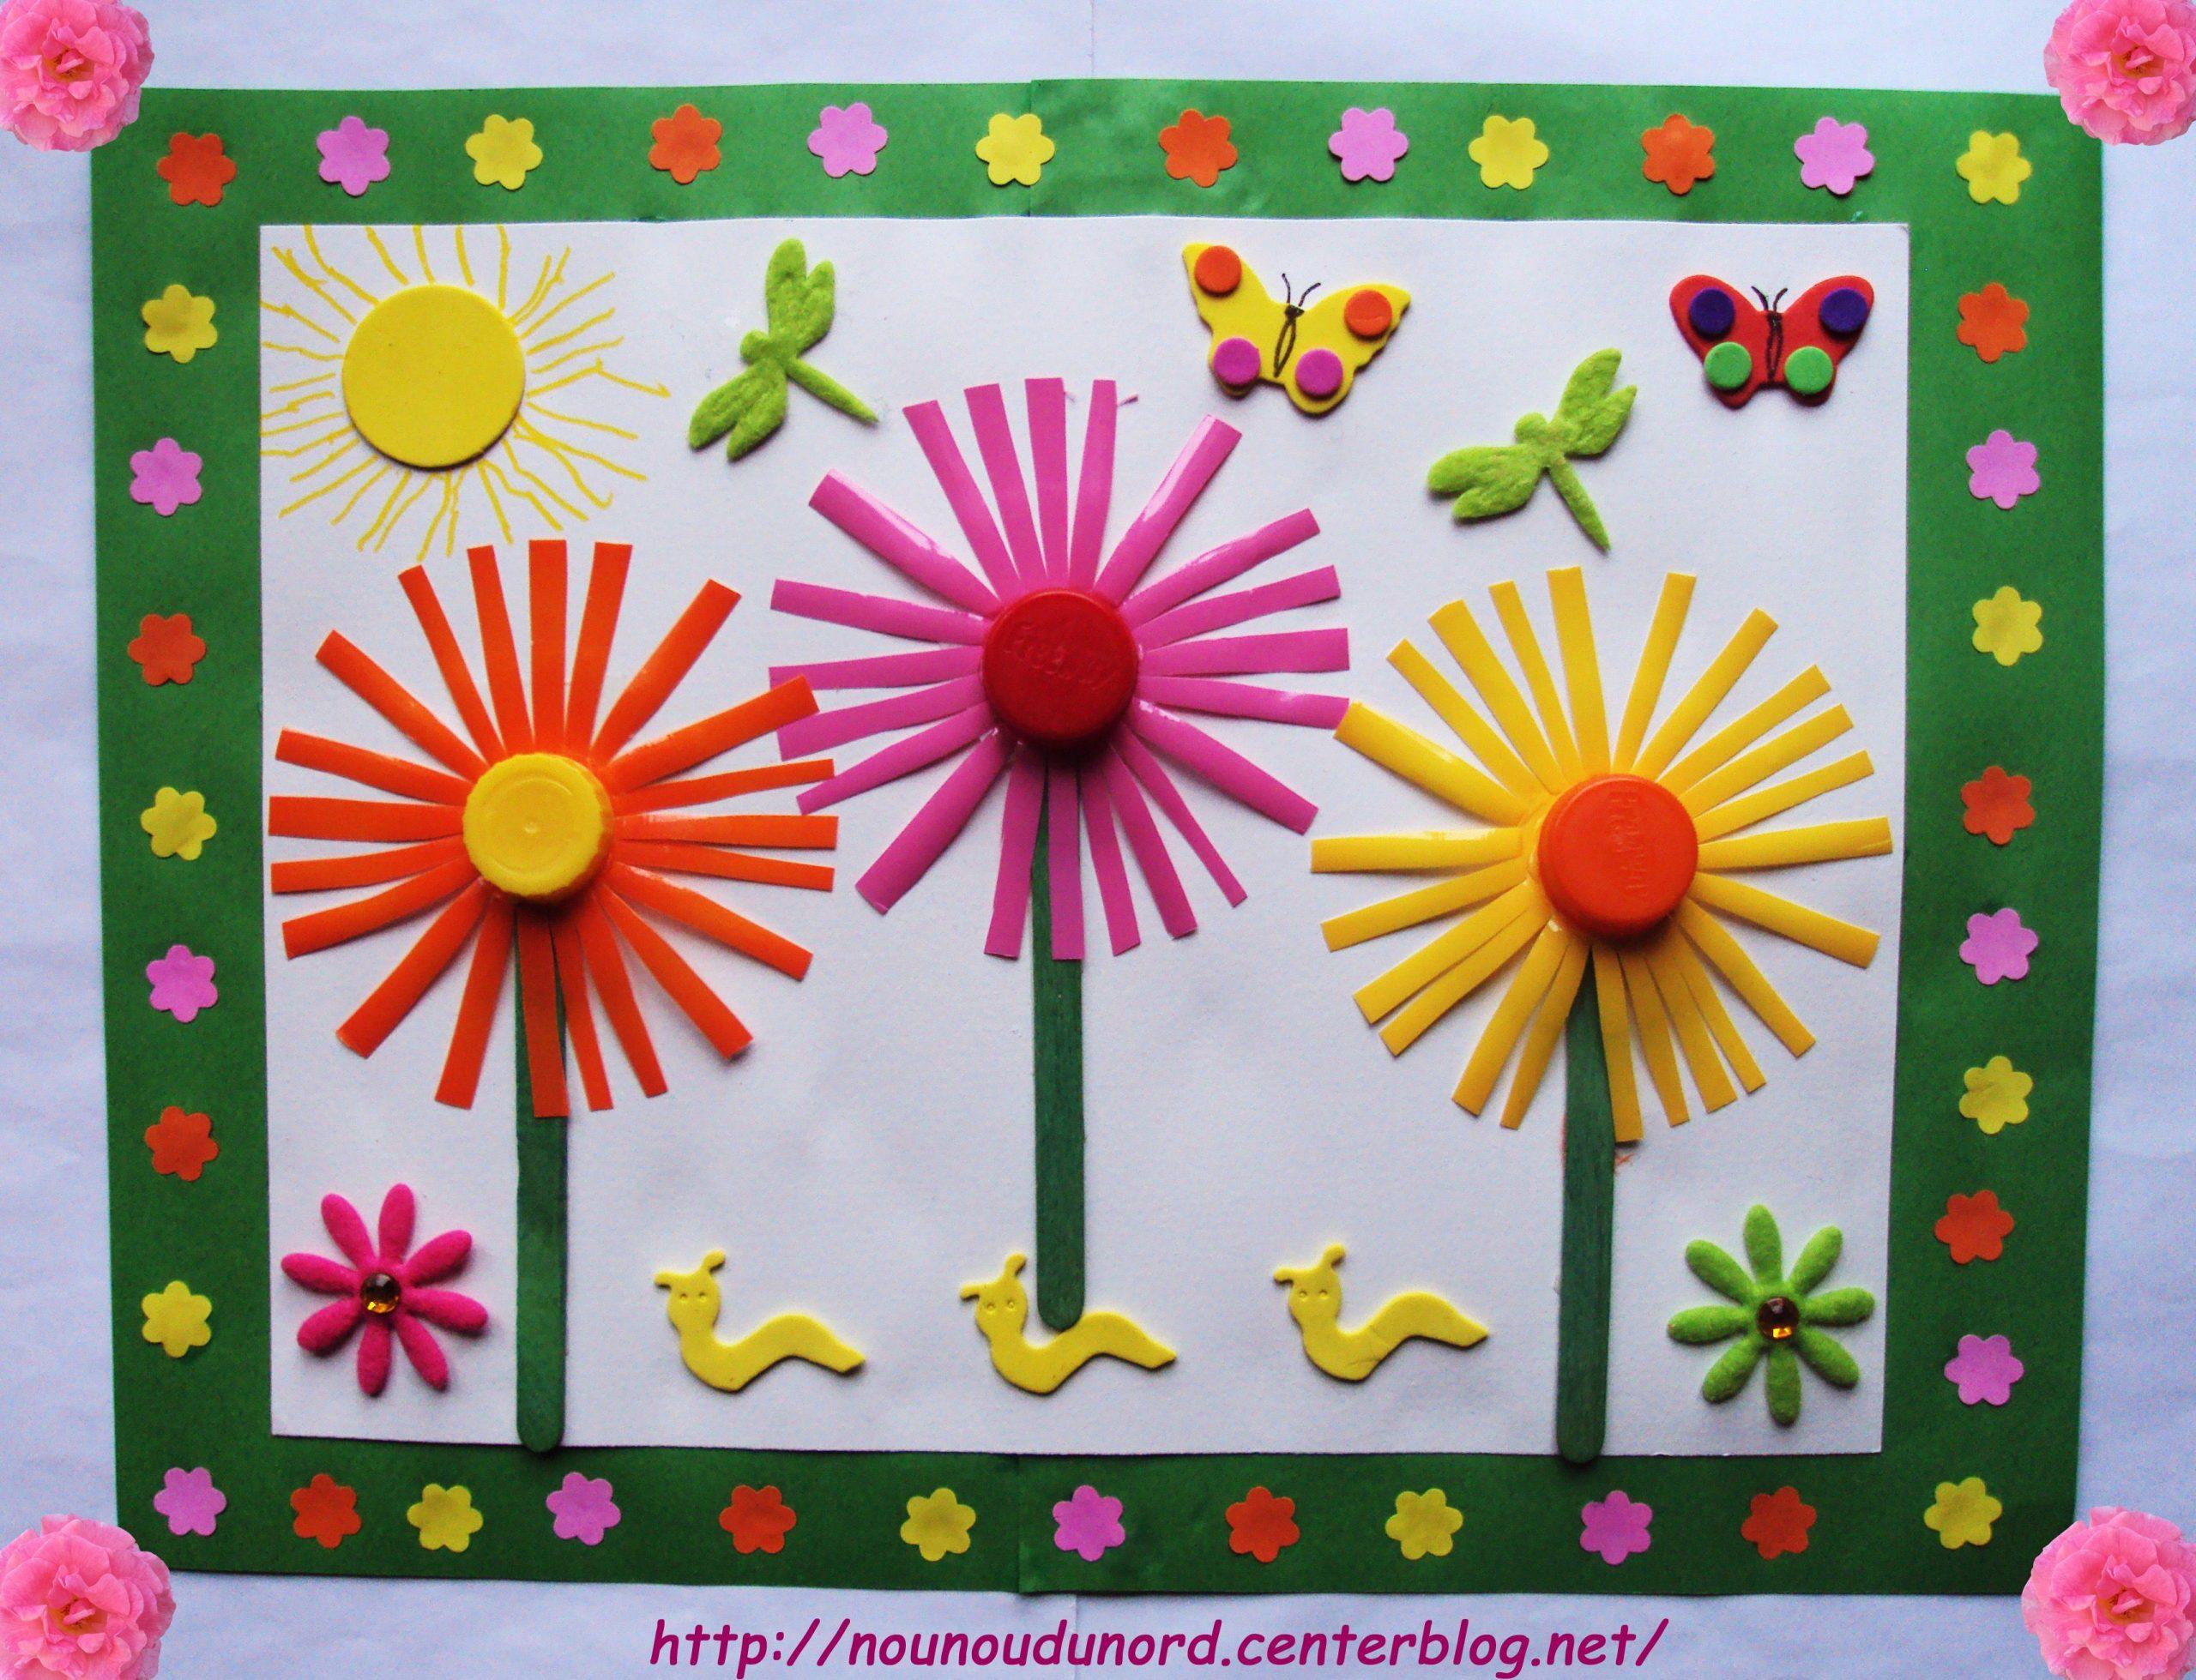 Image Du Blog Nounoudunord.centerblog | Tvoření S Detmi dedans Travaux Manuels Printemps Maternelle